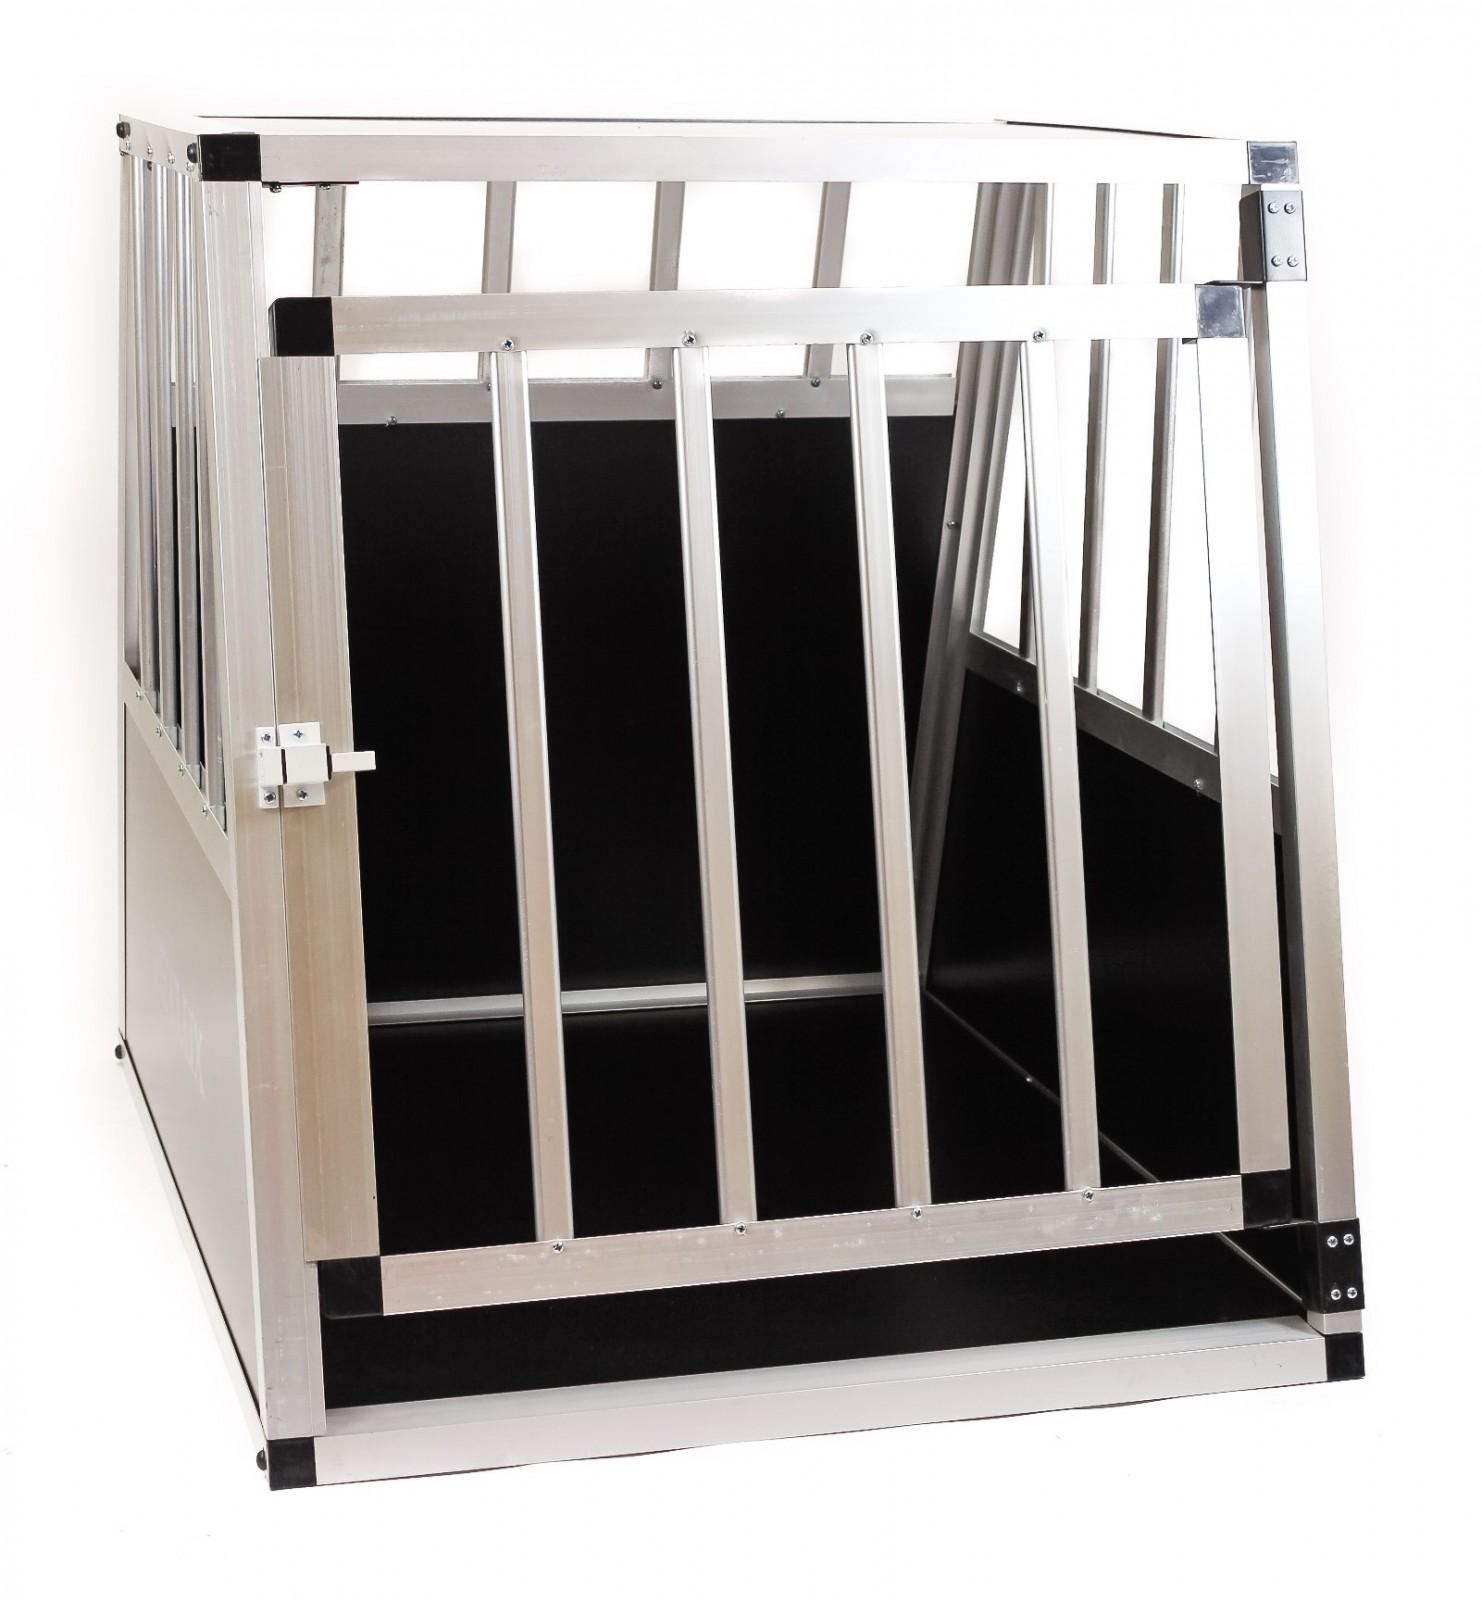 hundetransportbox 68x72x60cm hundebox alu hunde schwarz. Black Bedroom Furniture Sets. Home Design Ideas